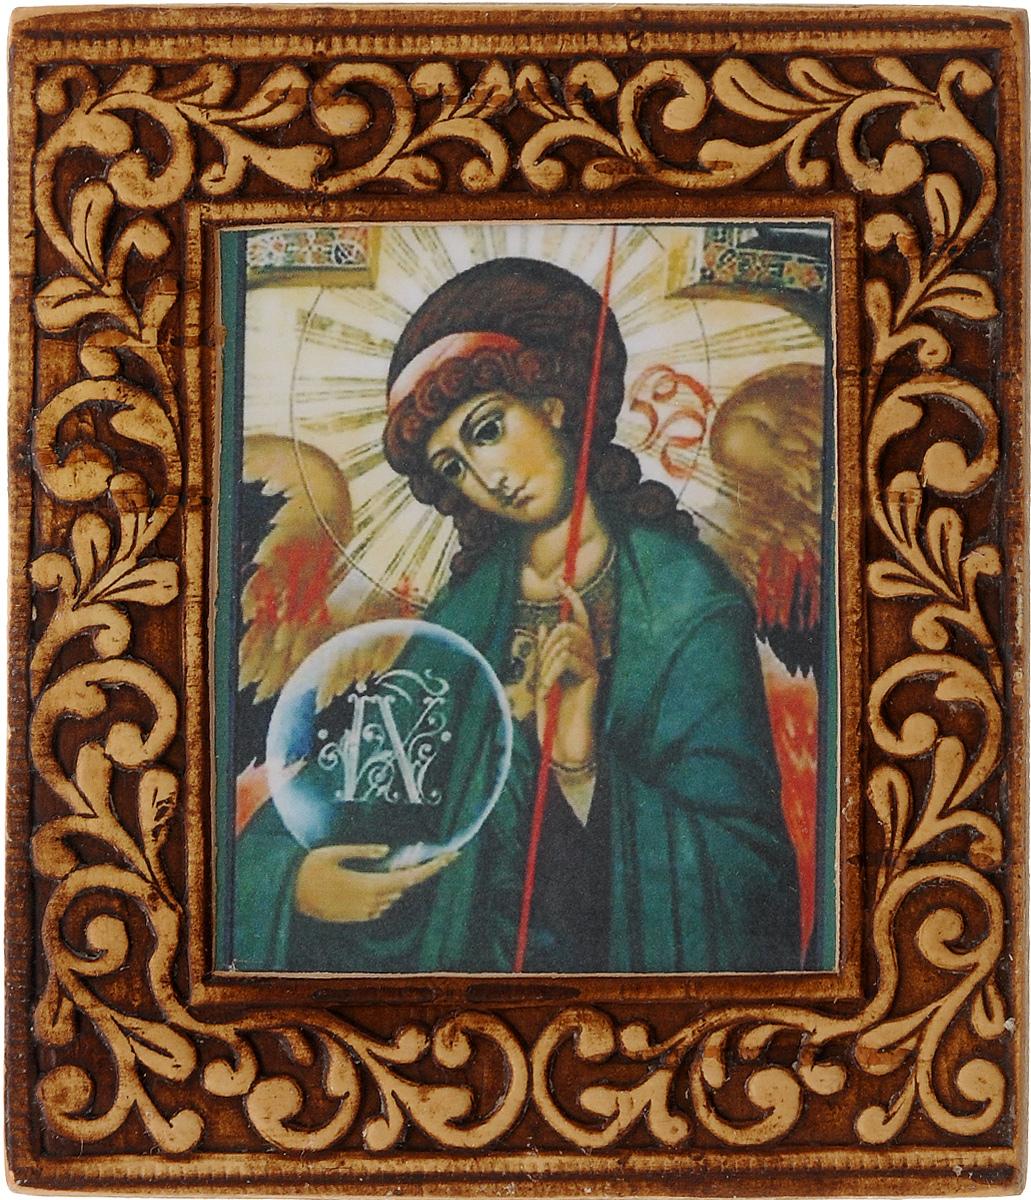 Икона Sima-land Архангел Гавриил, 6 х 6,5 см583641_Архангел ГавриилИкона Sima-land Архангел Гавриил изготовлена из бересты. Легкая и миниатюрная, такая икона будет прекрасным подарком с духовной составляющей.